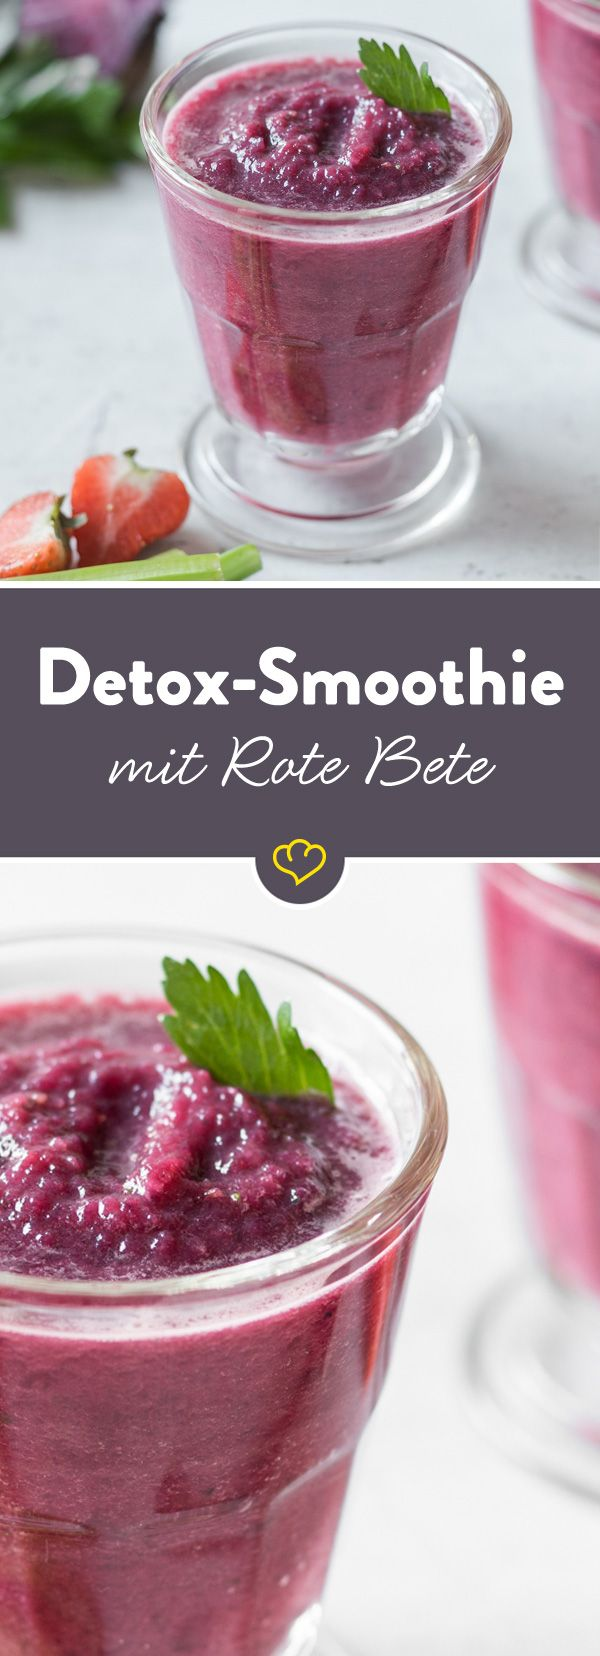 rote bete detox smoothie rezept detox gesund von innen pinterest smoothie rote bete. Black Bedroom Furniture Sets. Home Design Ideas